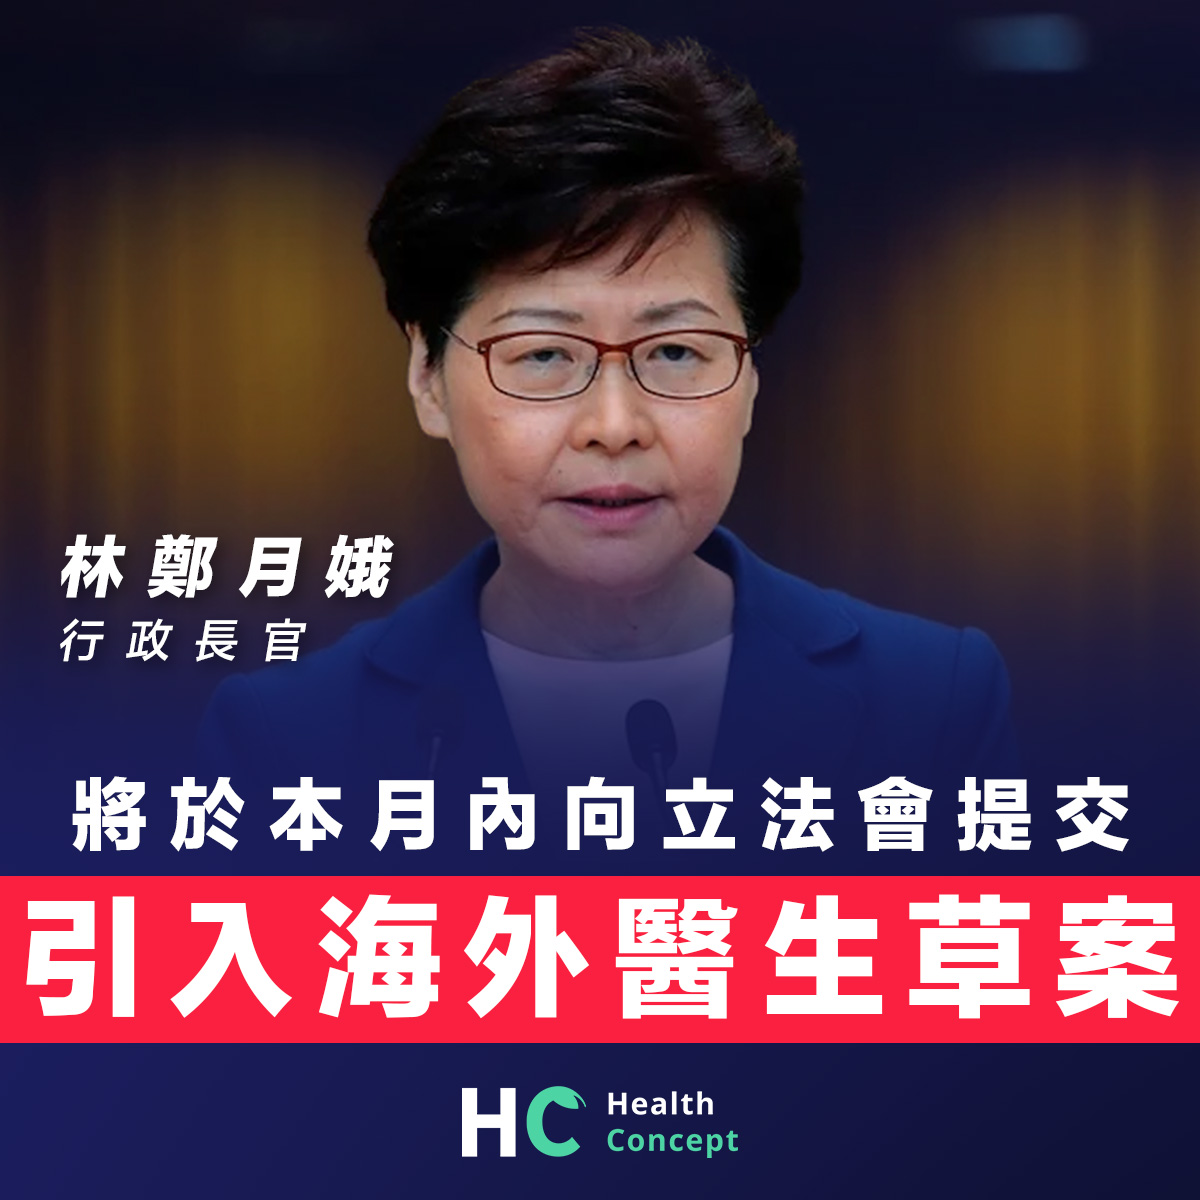 林鄭:本月提交引入海外醫生草案 斥有人抹黑國產疫苗